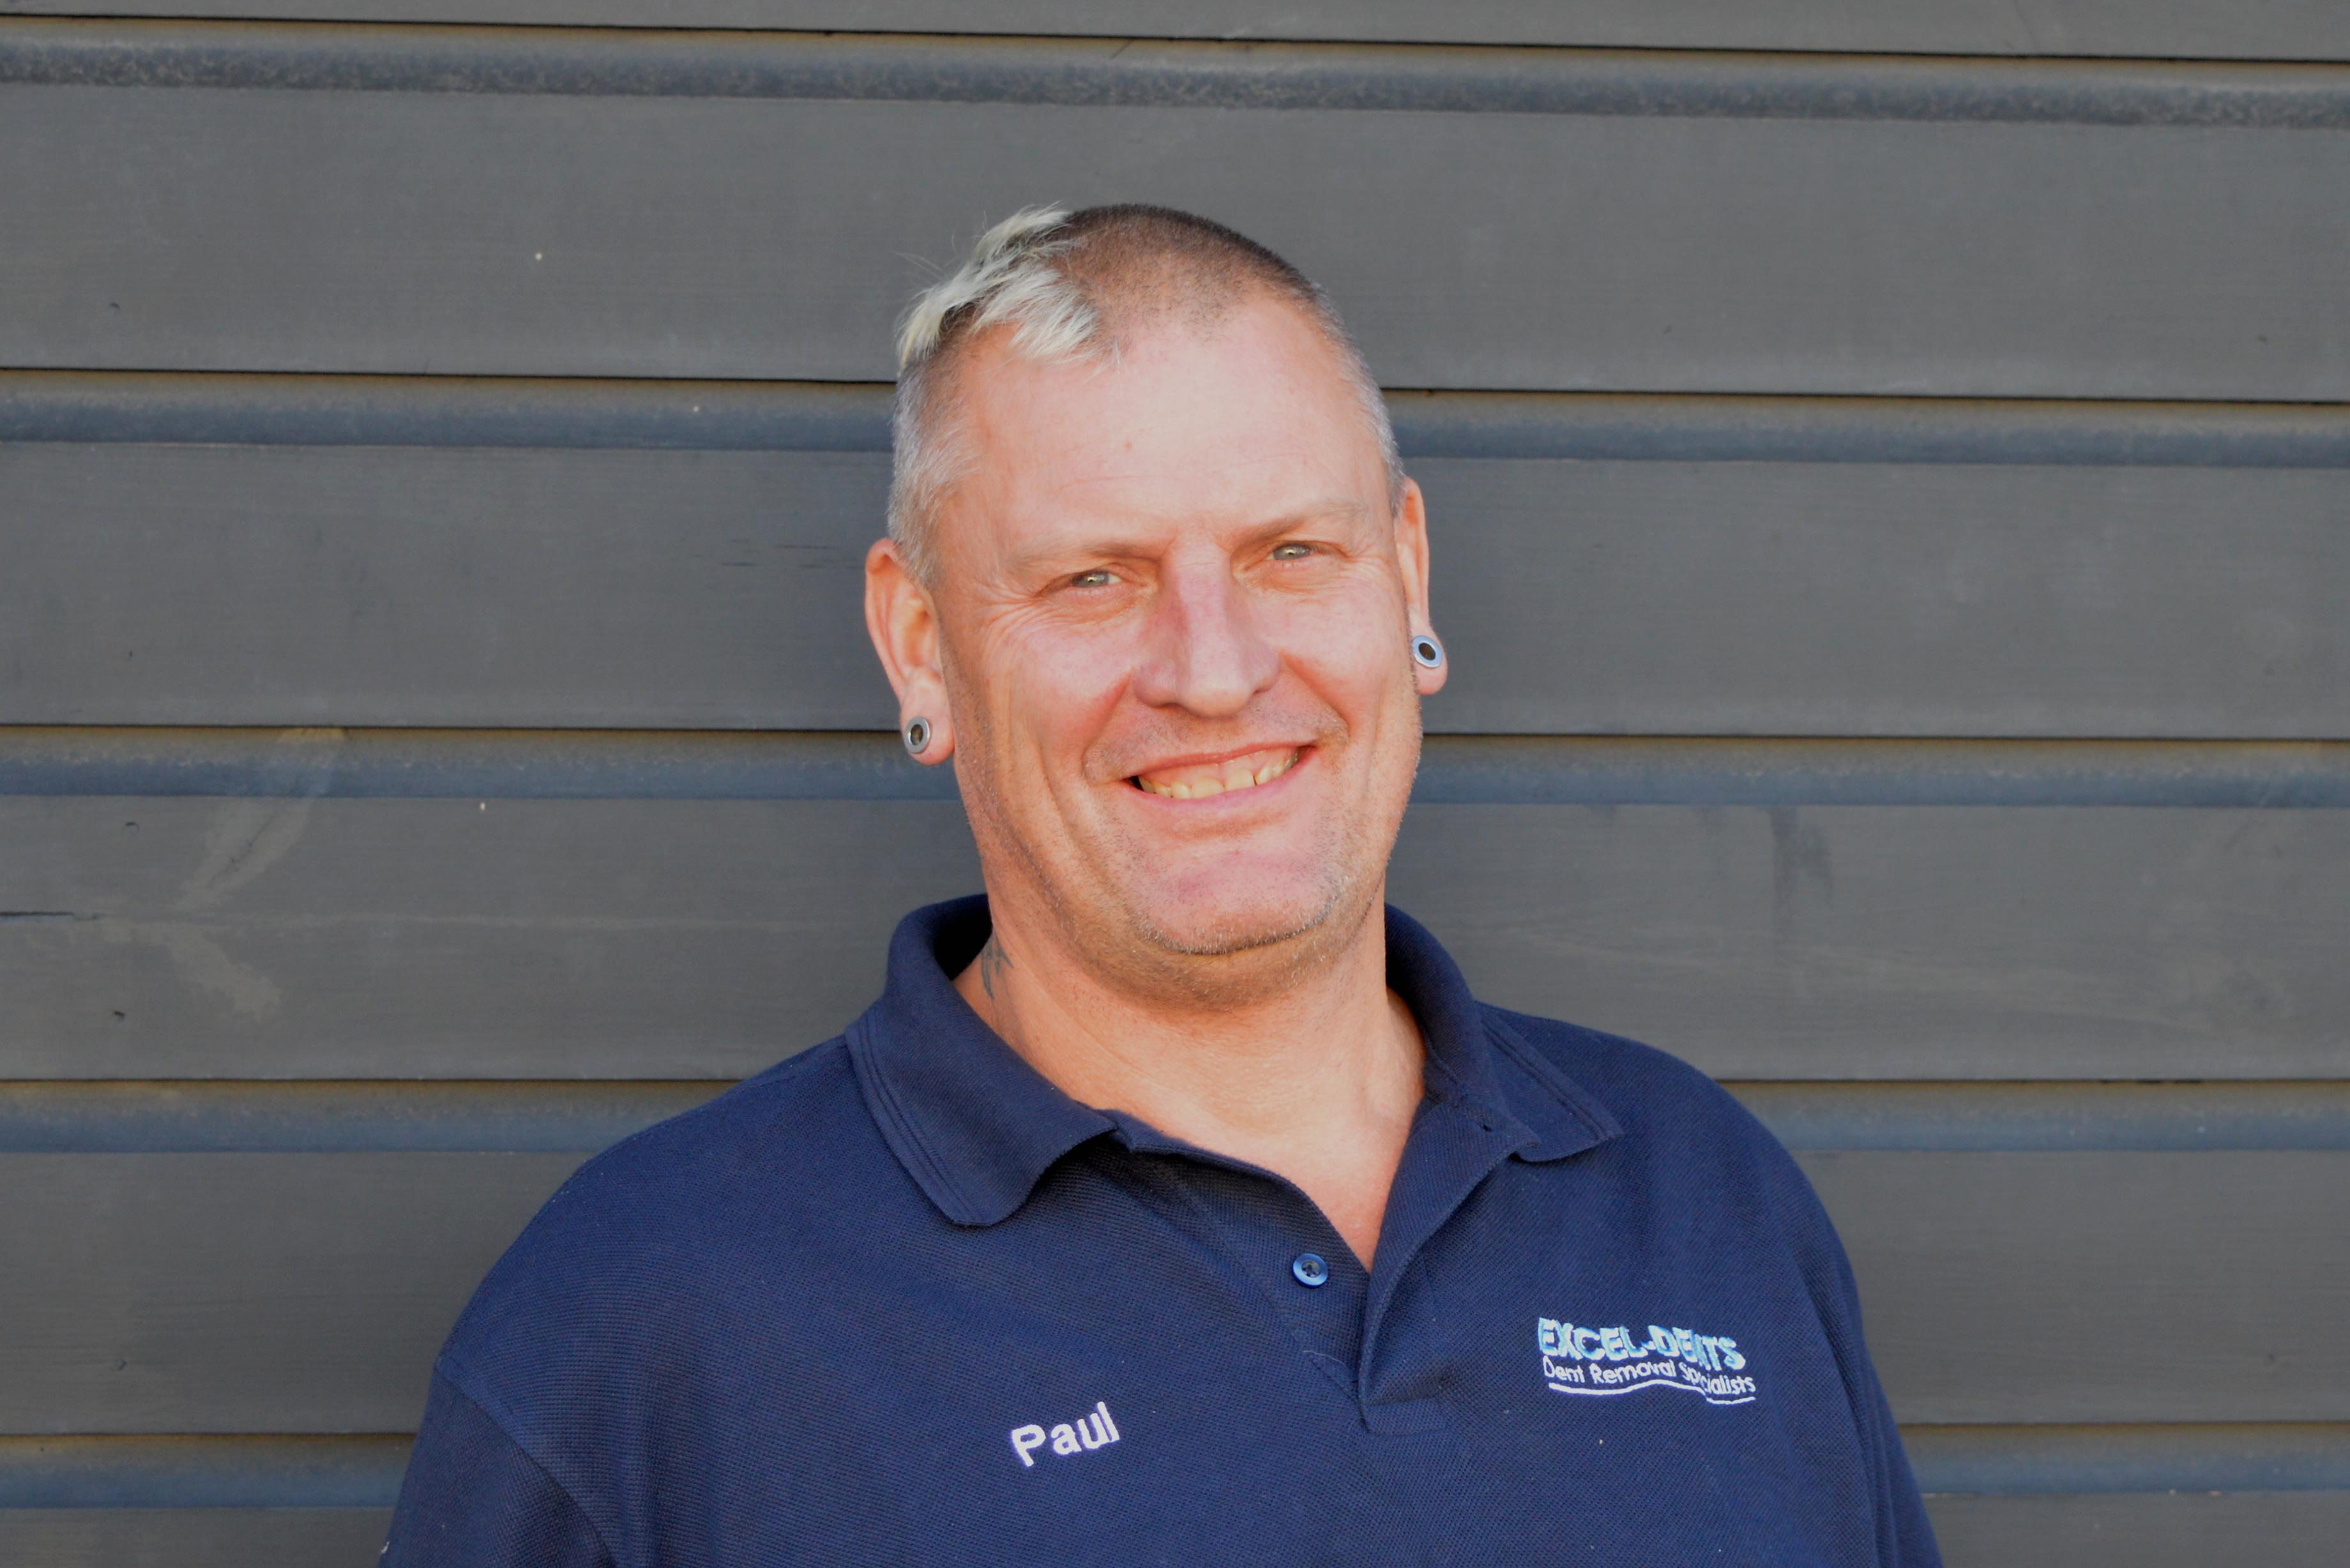 Paul Bidgway